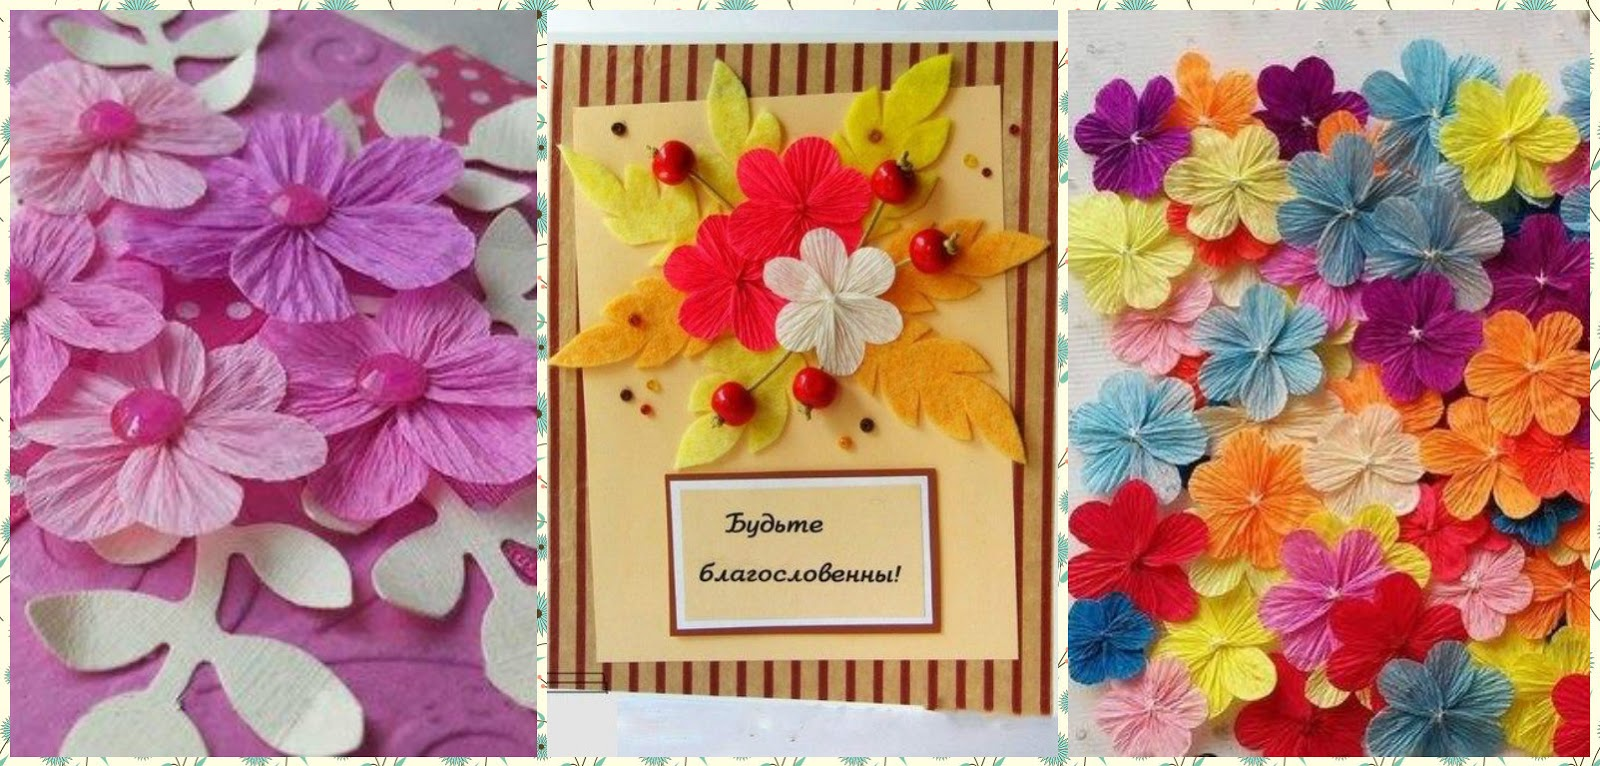 Flores De Papel Crepe Para Decorar Cajas De Regalo O Tarjetas